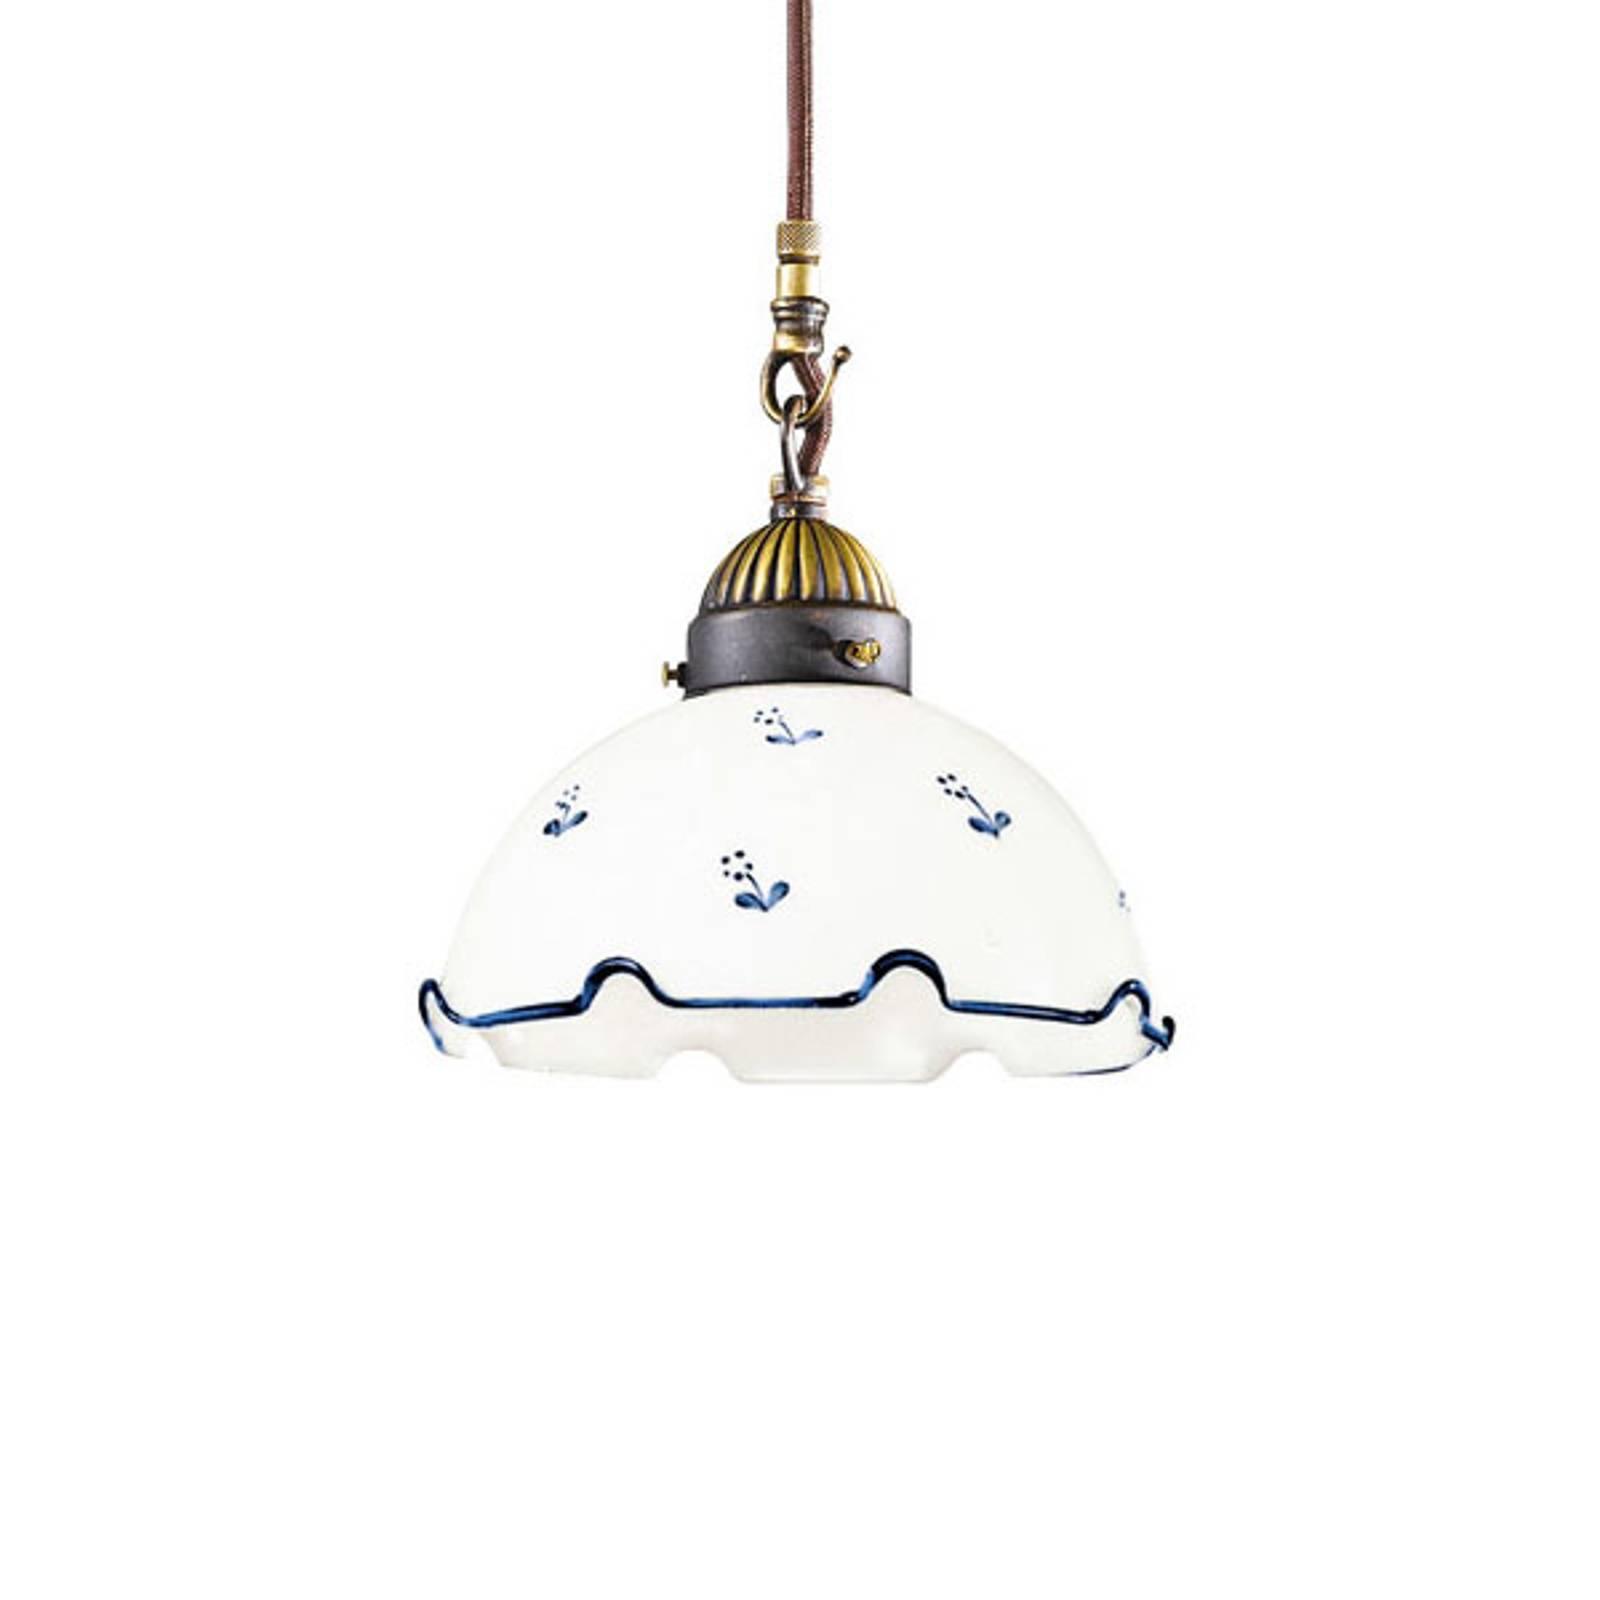 Riippuvalo Nonna Ø 20 cm 1-lamppuinen sininen